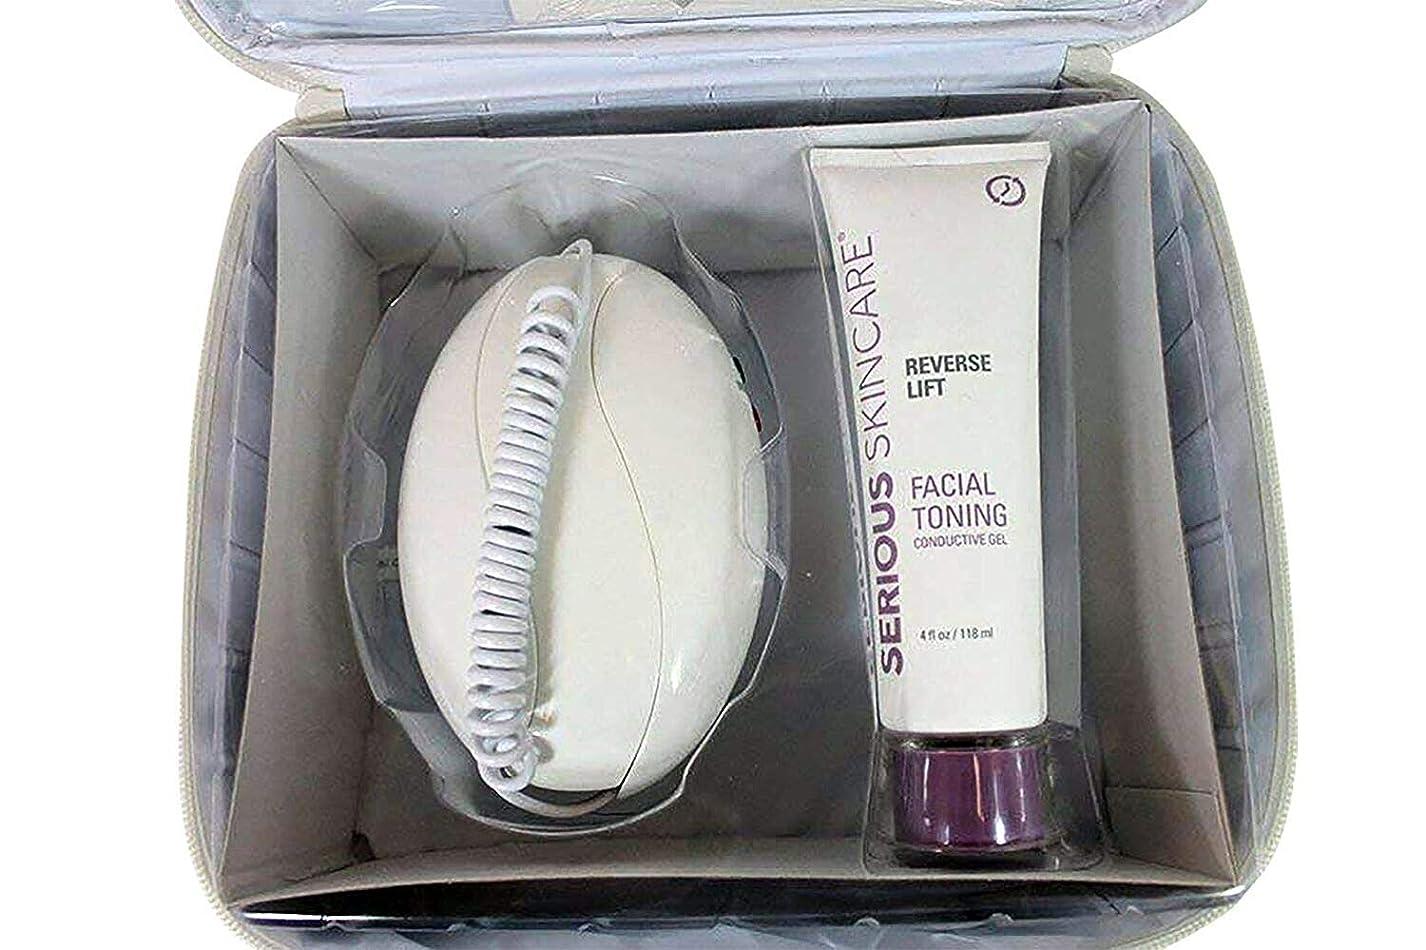 節約入手しますする必要があるMicrocurrent Skin Care Kit, High Frequency Facial Machine and Skin Care Products 141[並行輸入]